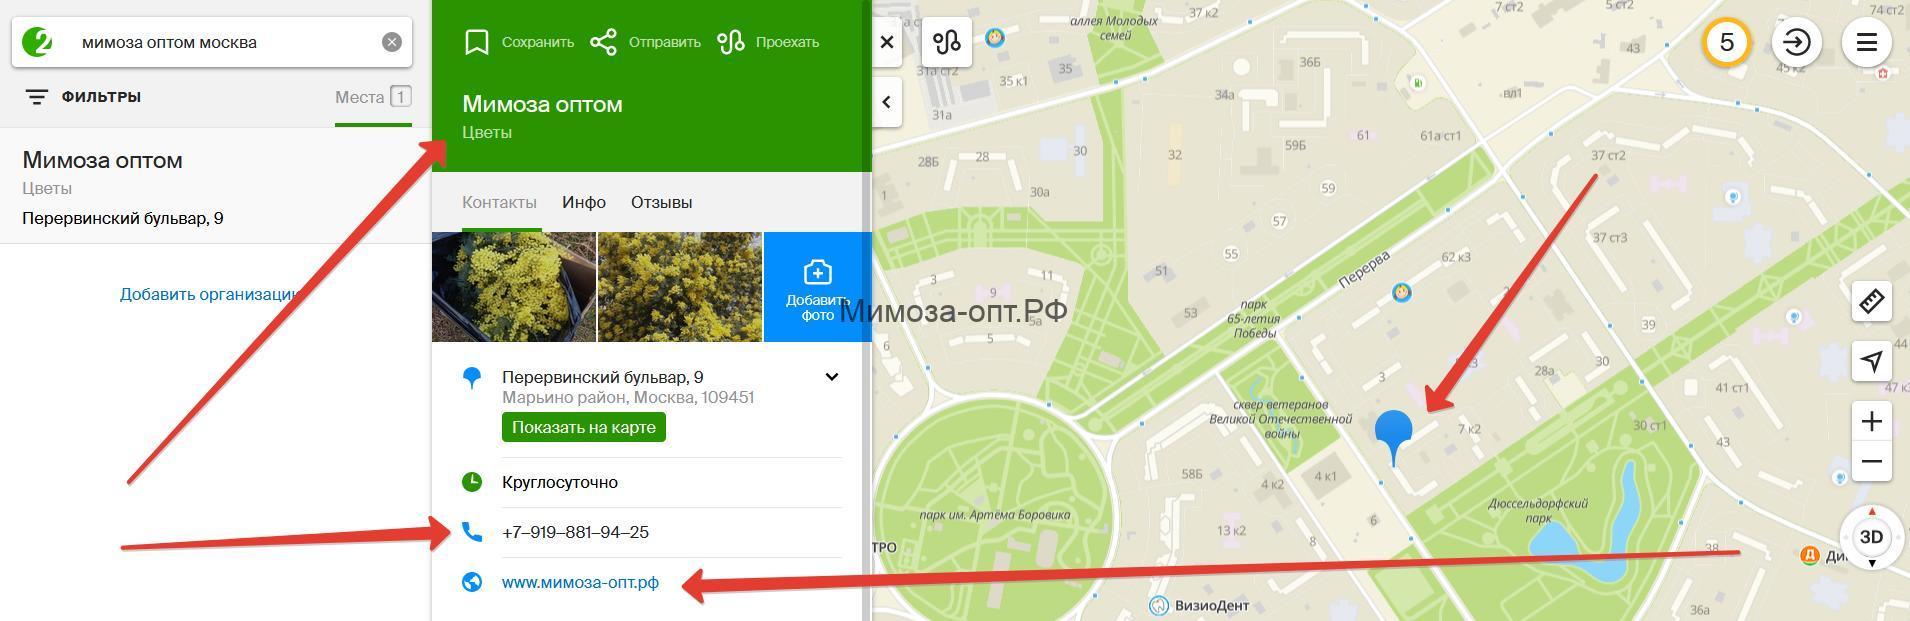 букеты мимоза купить Москва от 1 коробки телефон